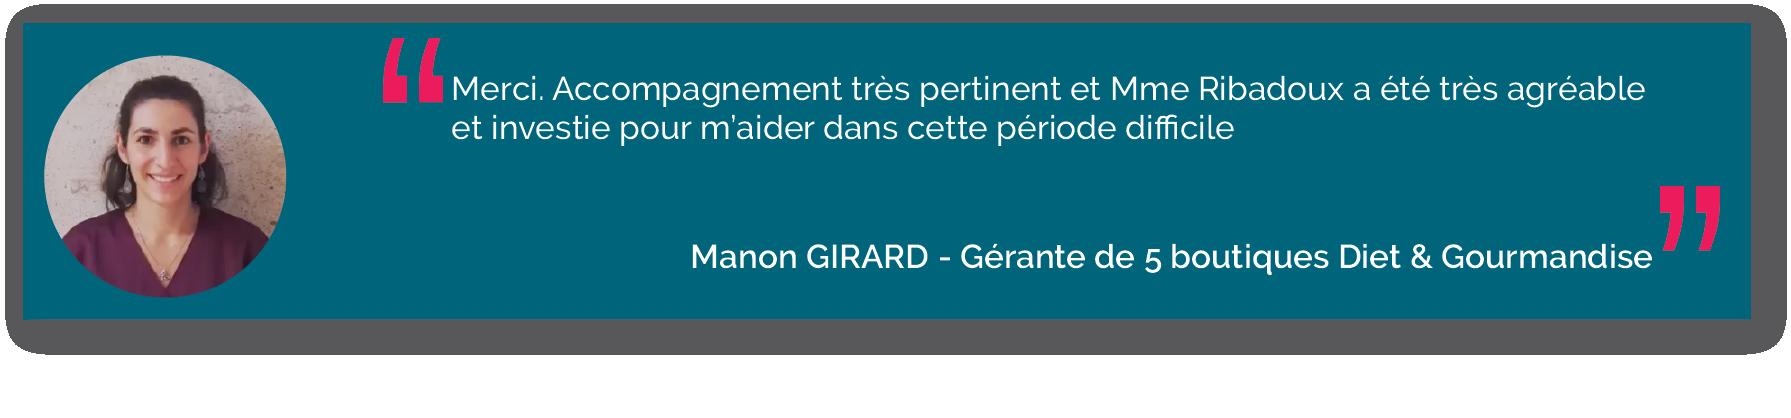 Manon Girard Diet&gourmandises